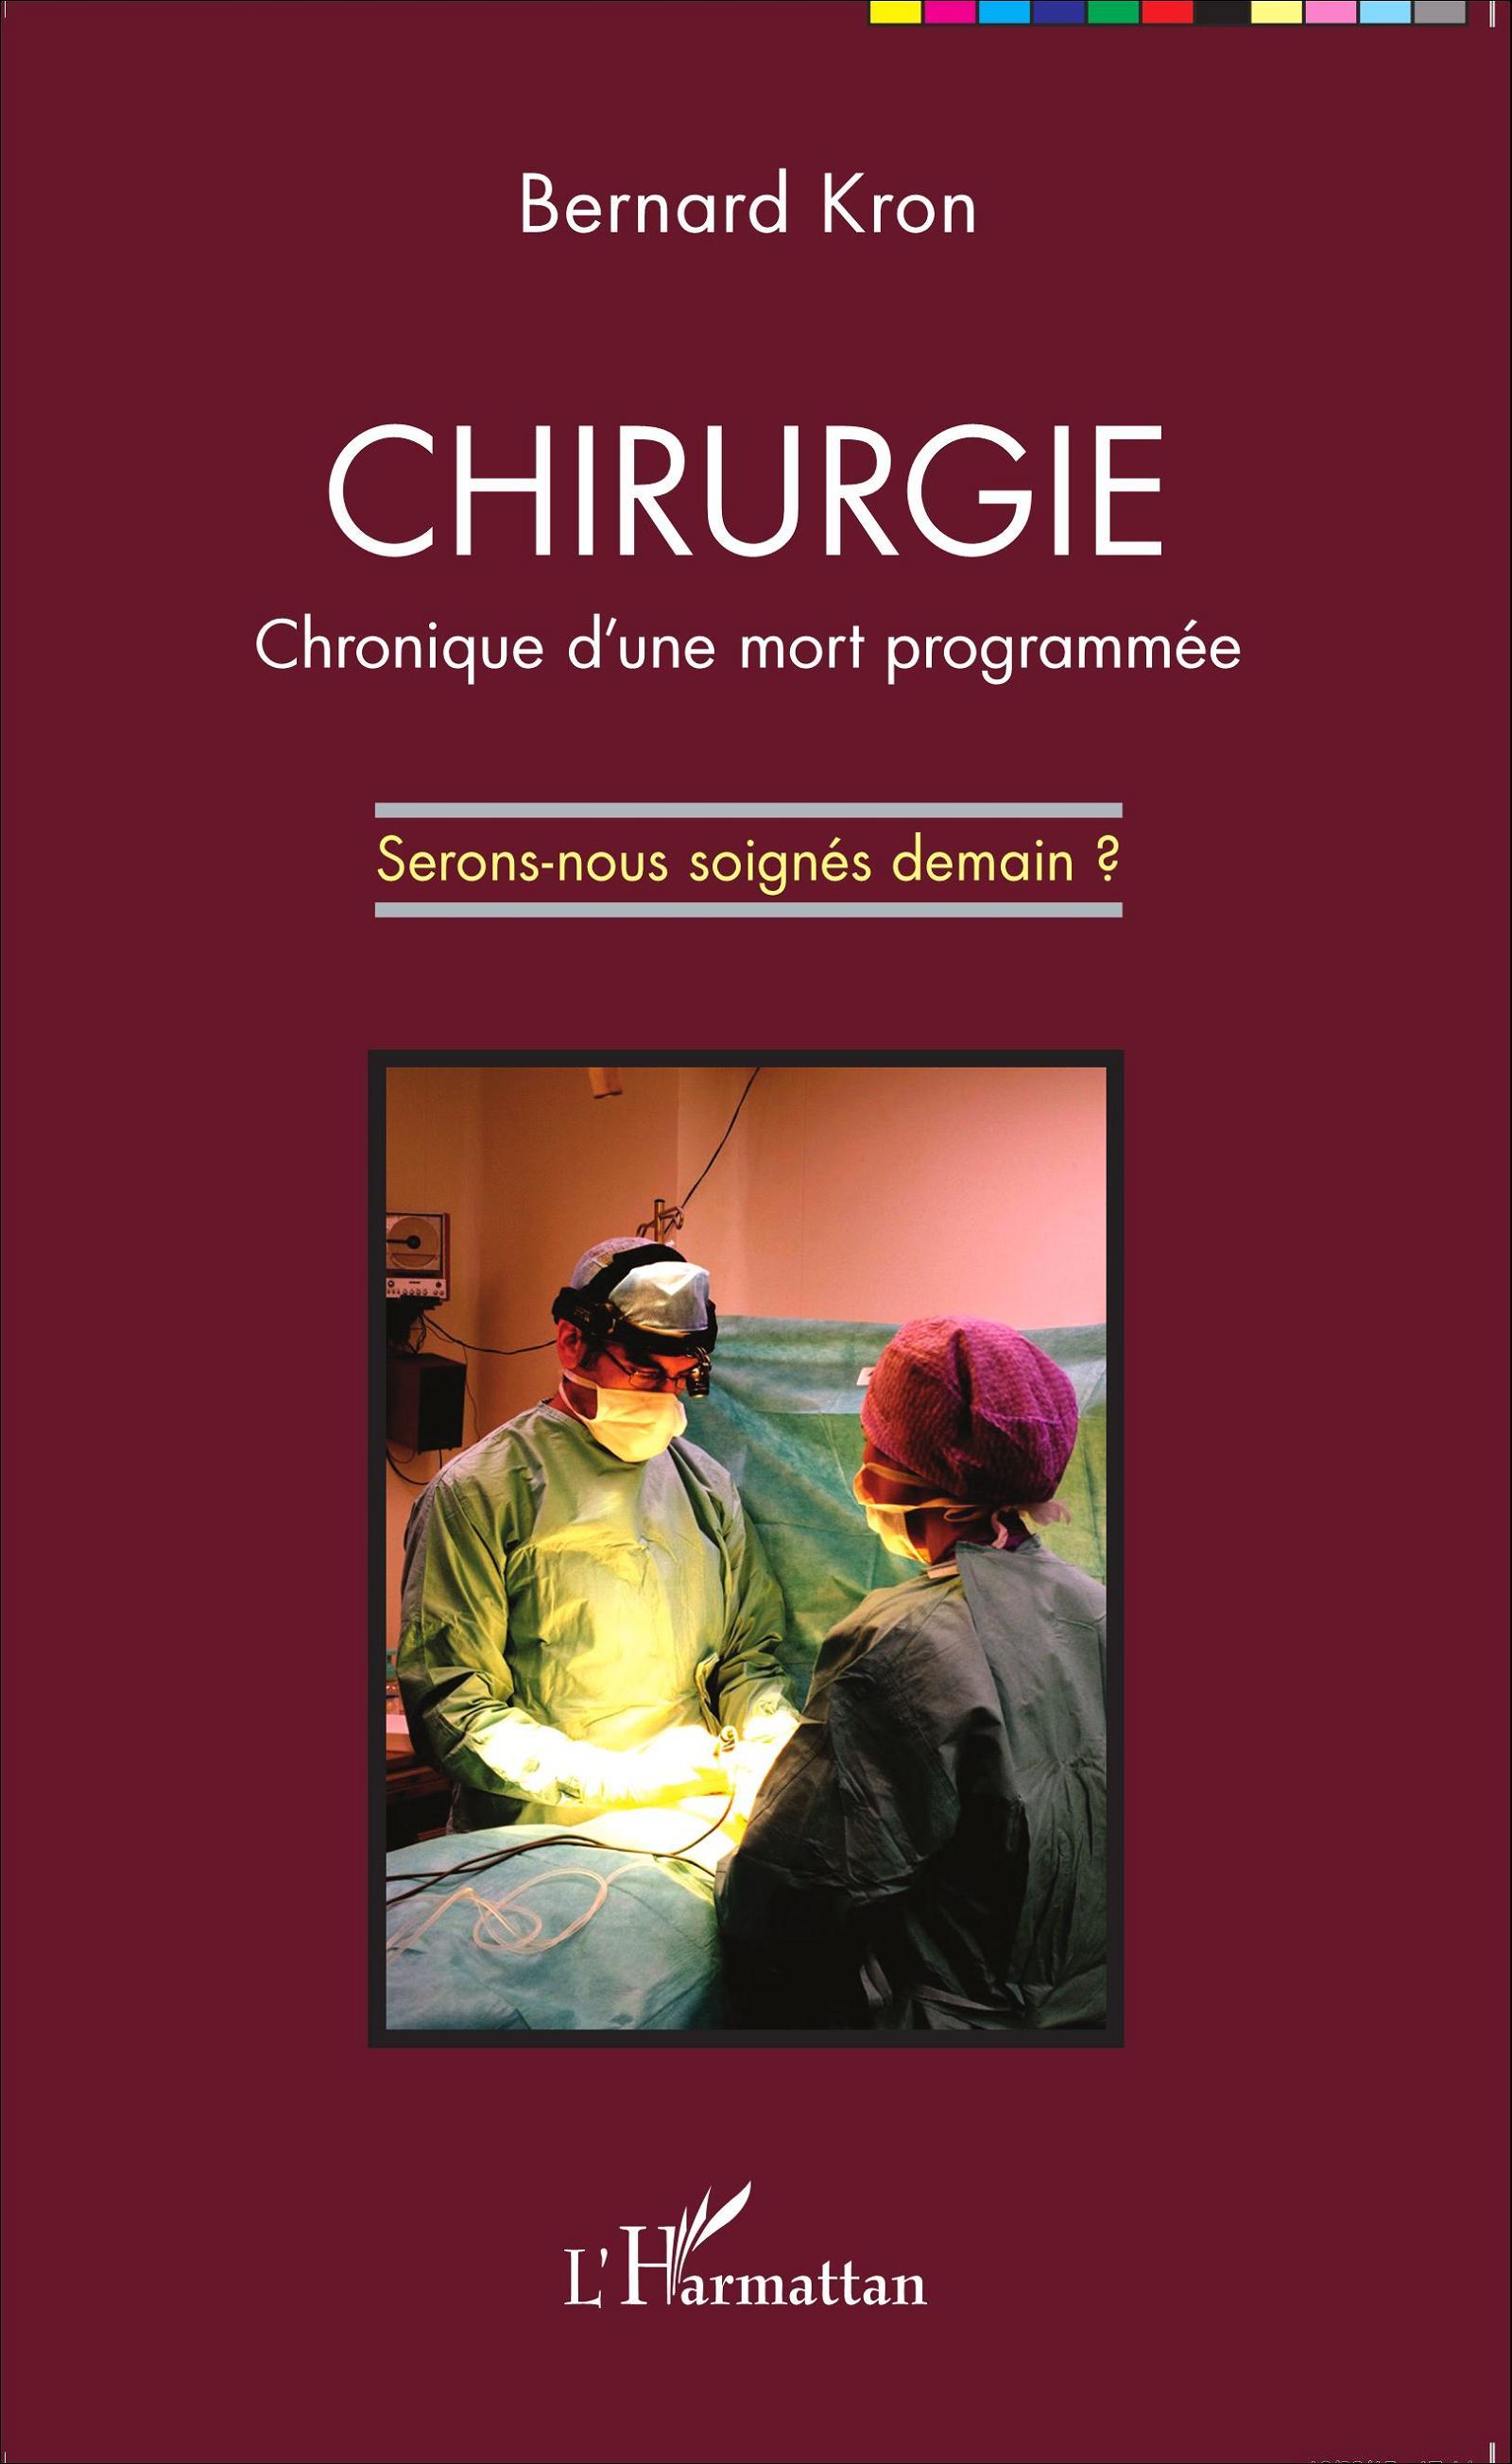 JOURNAL DE COELIO CHIRURGIE